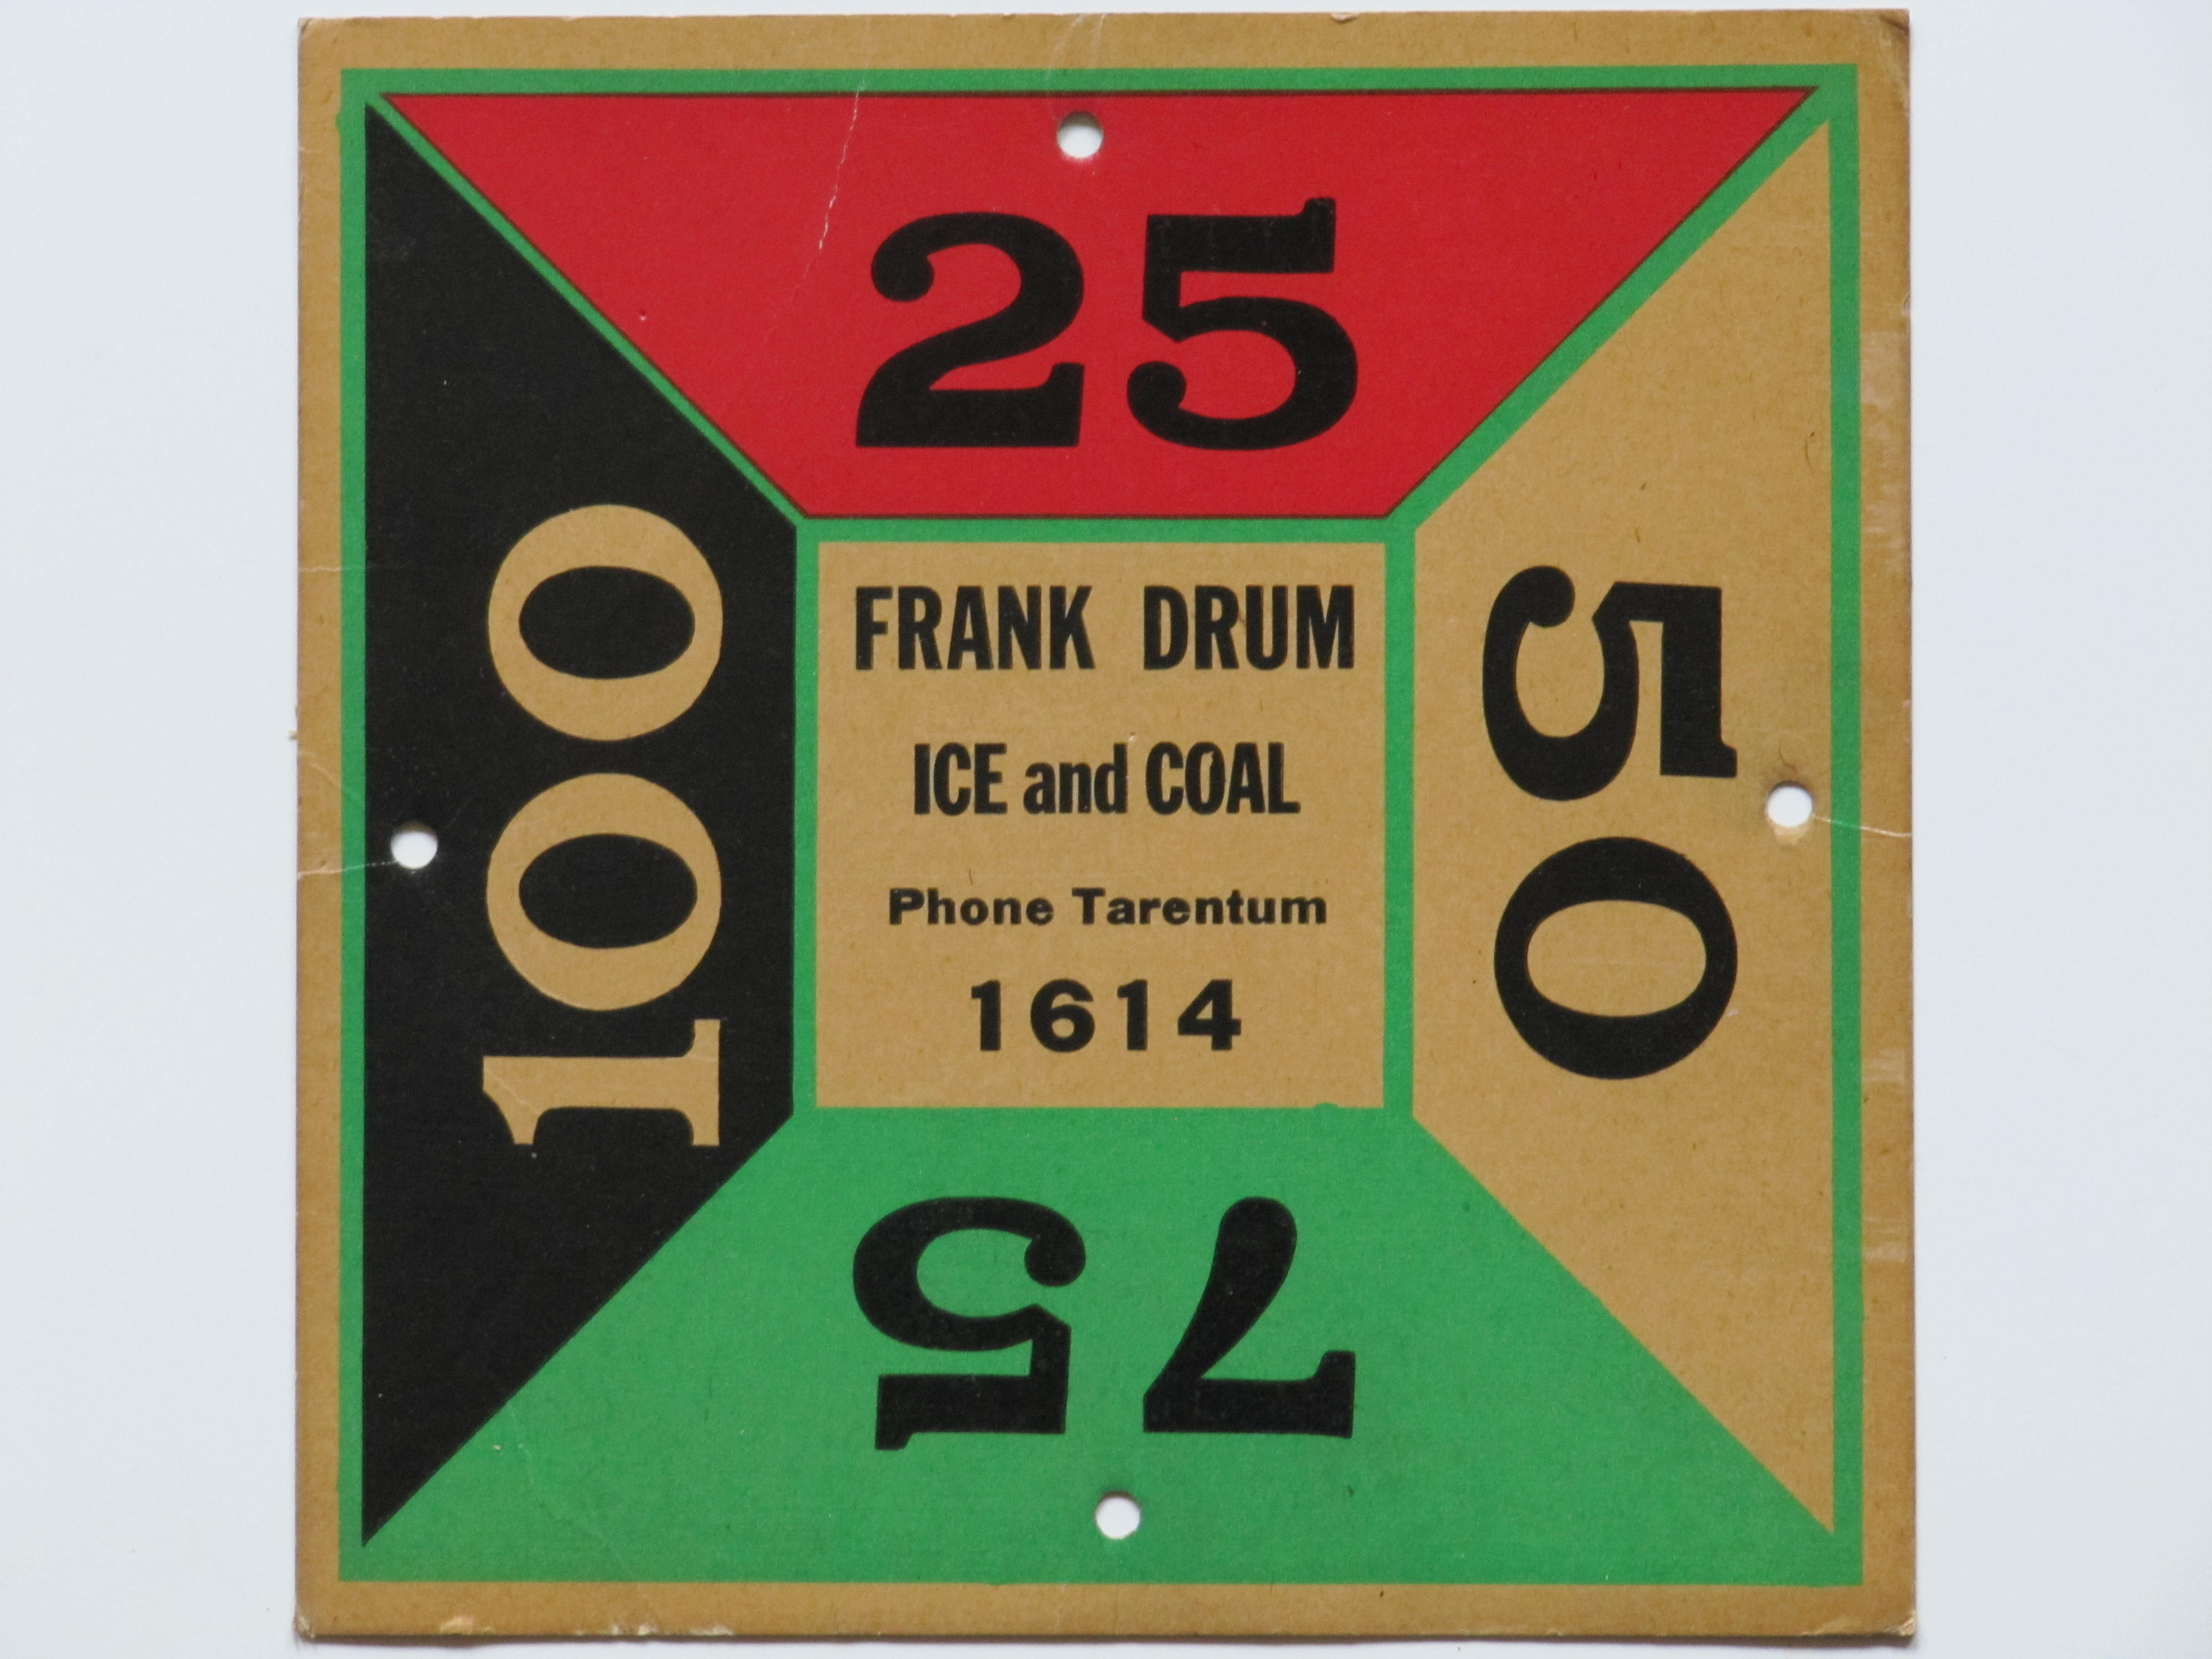 Frank Drum Ice & Coal